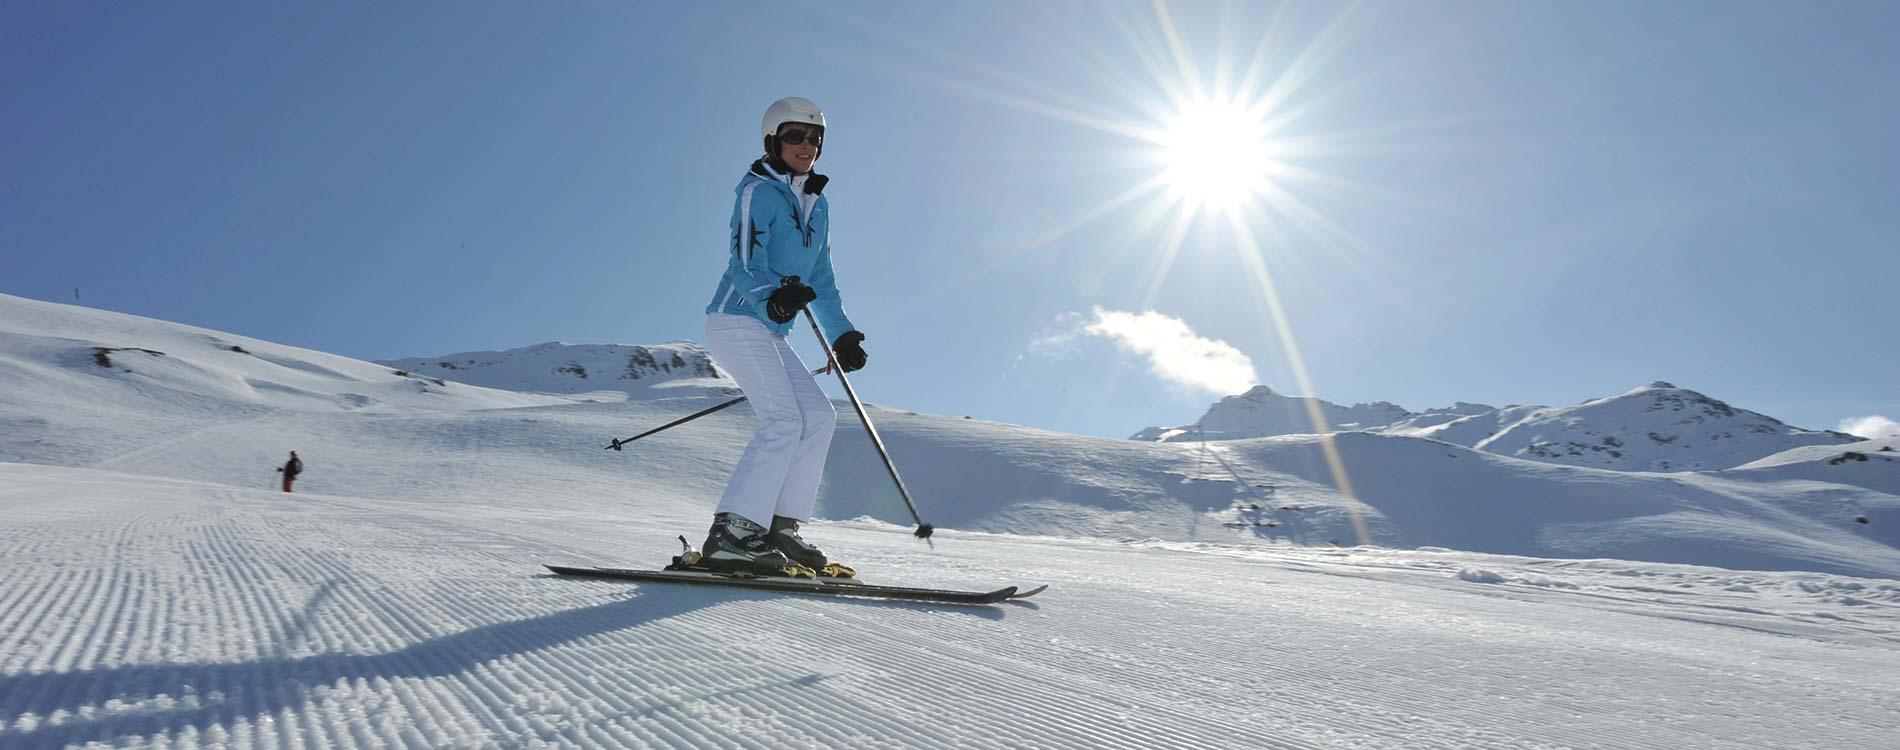 Skigebiet Obergurgl-Hochgurgl - Top Quality Skiing im Ötztal in Tirol